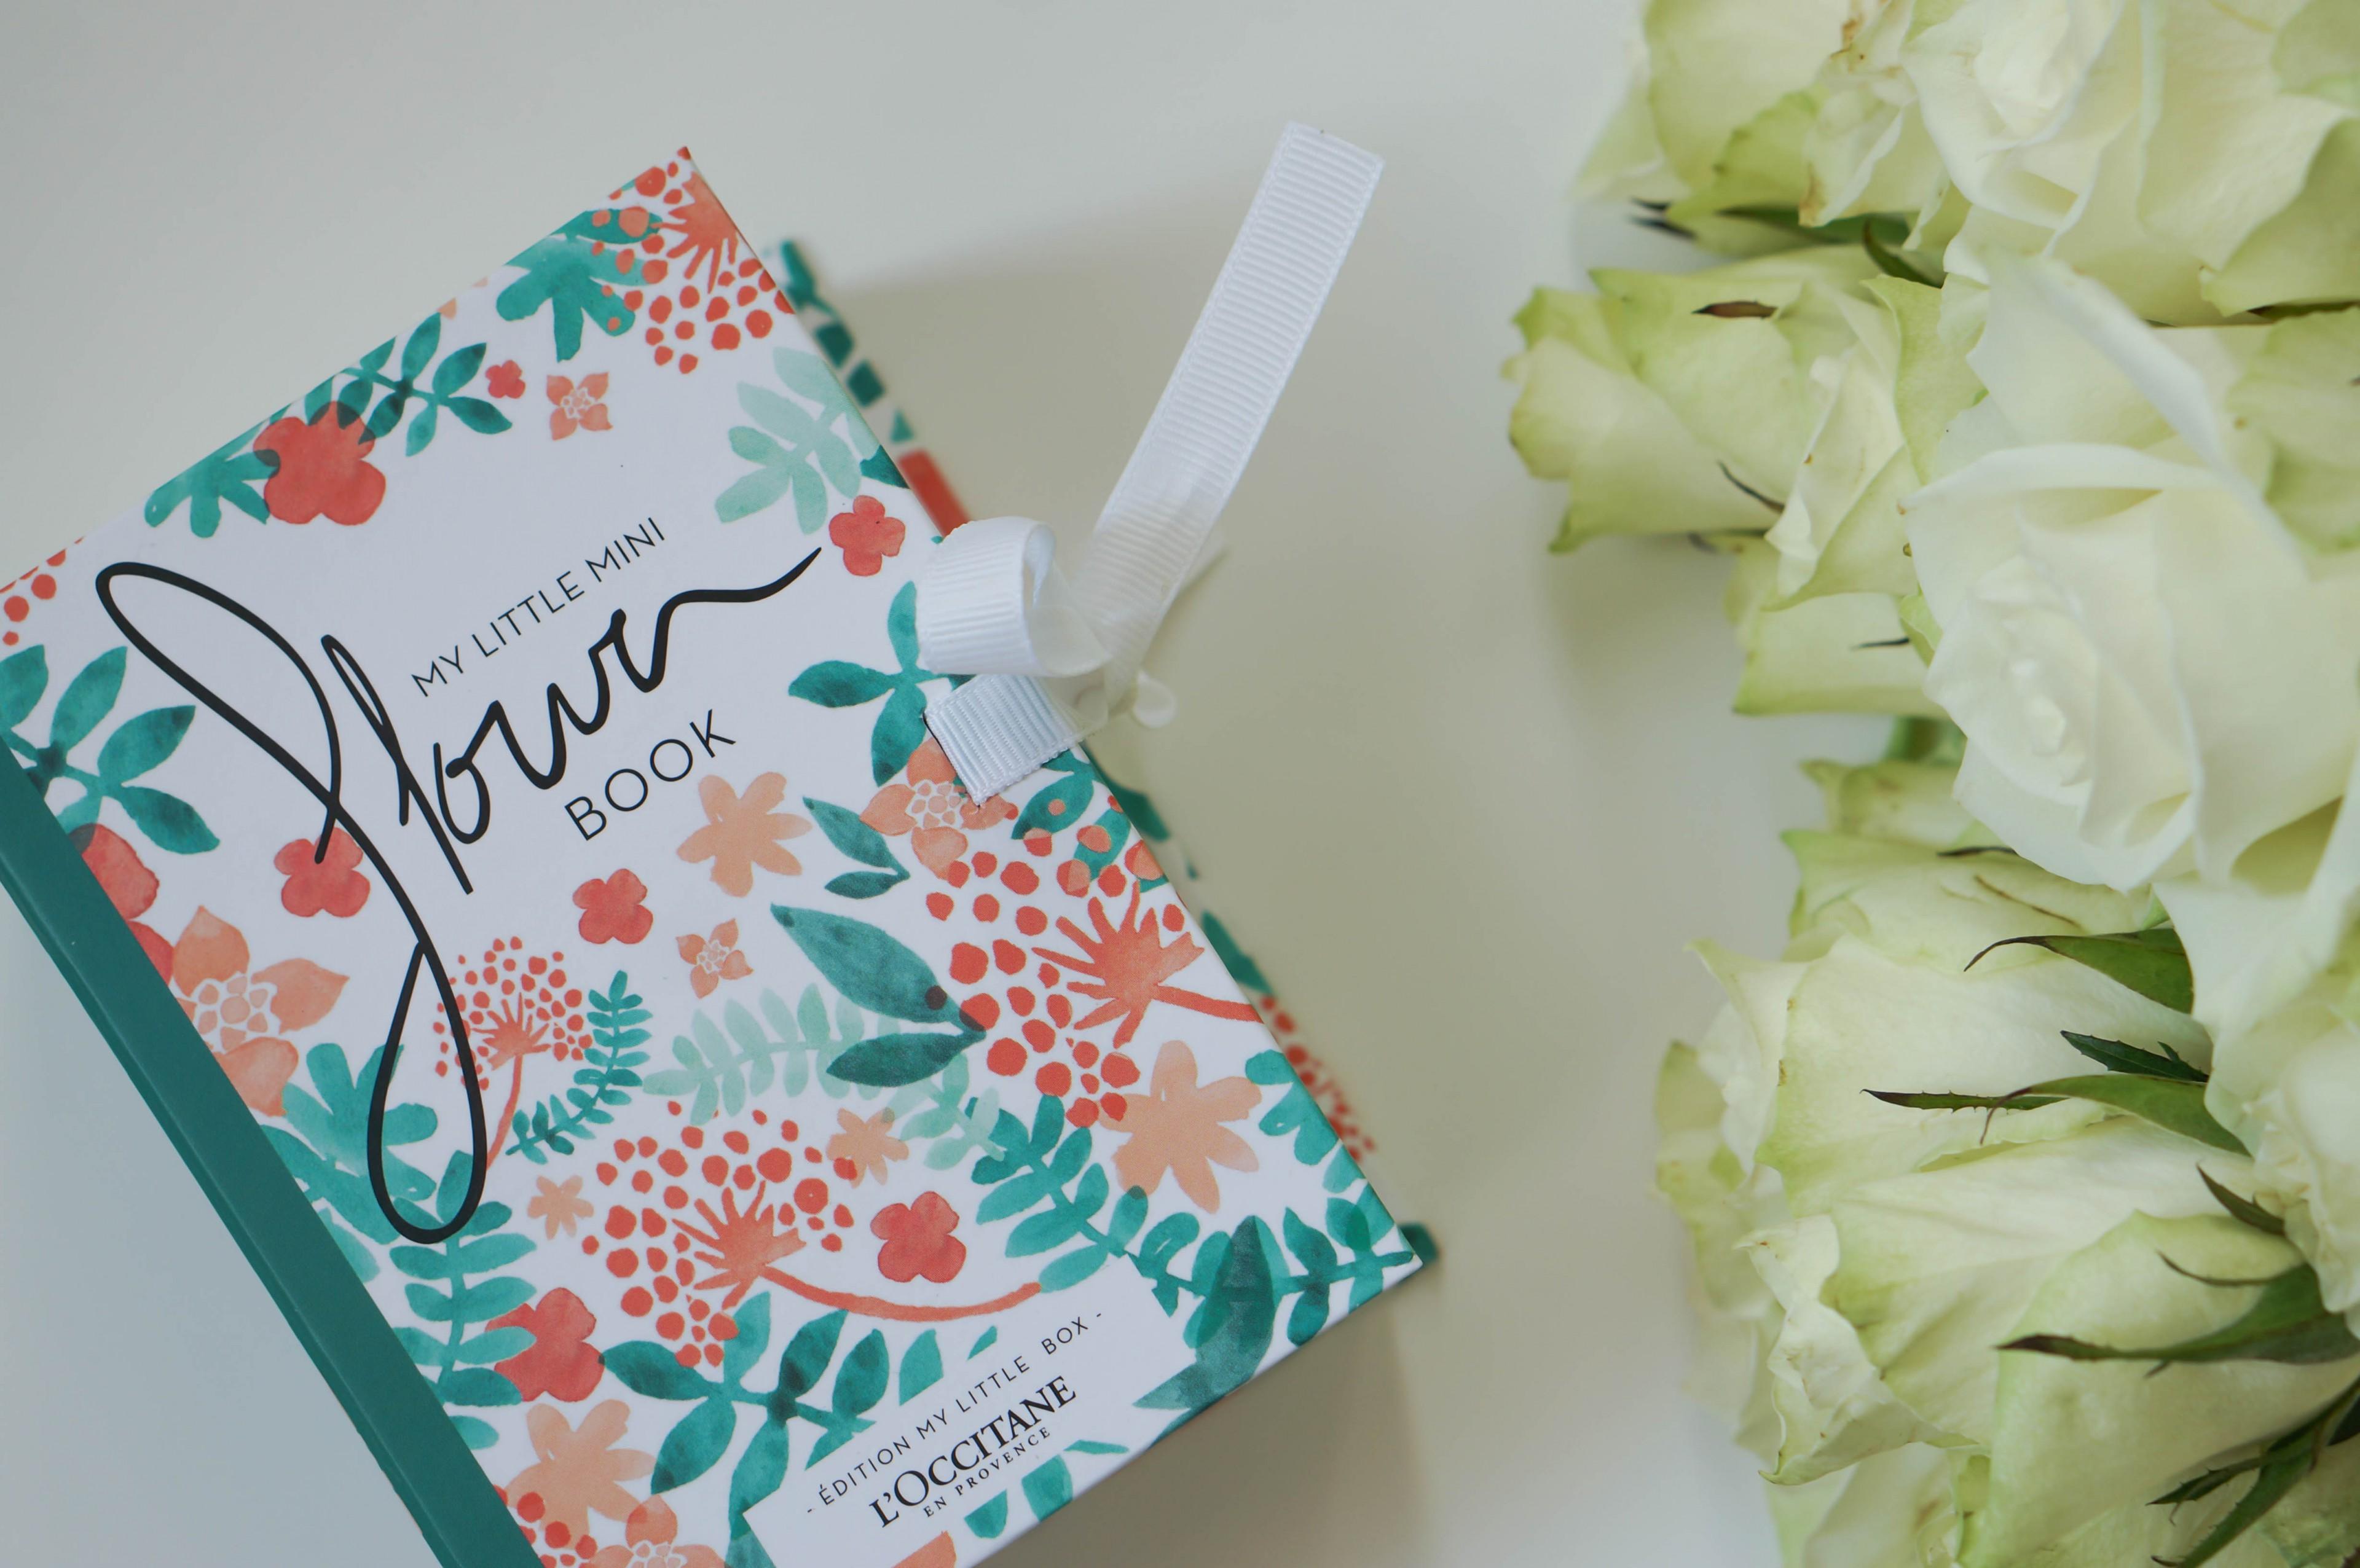 my-little-flower-book-loccitane